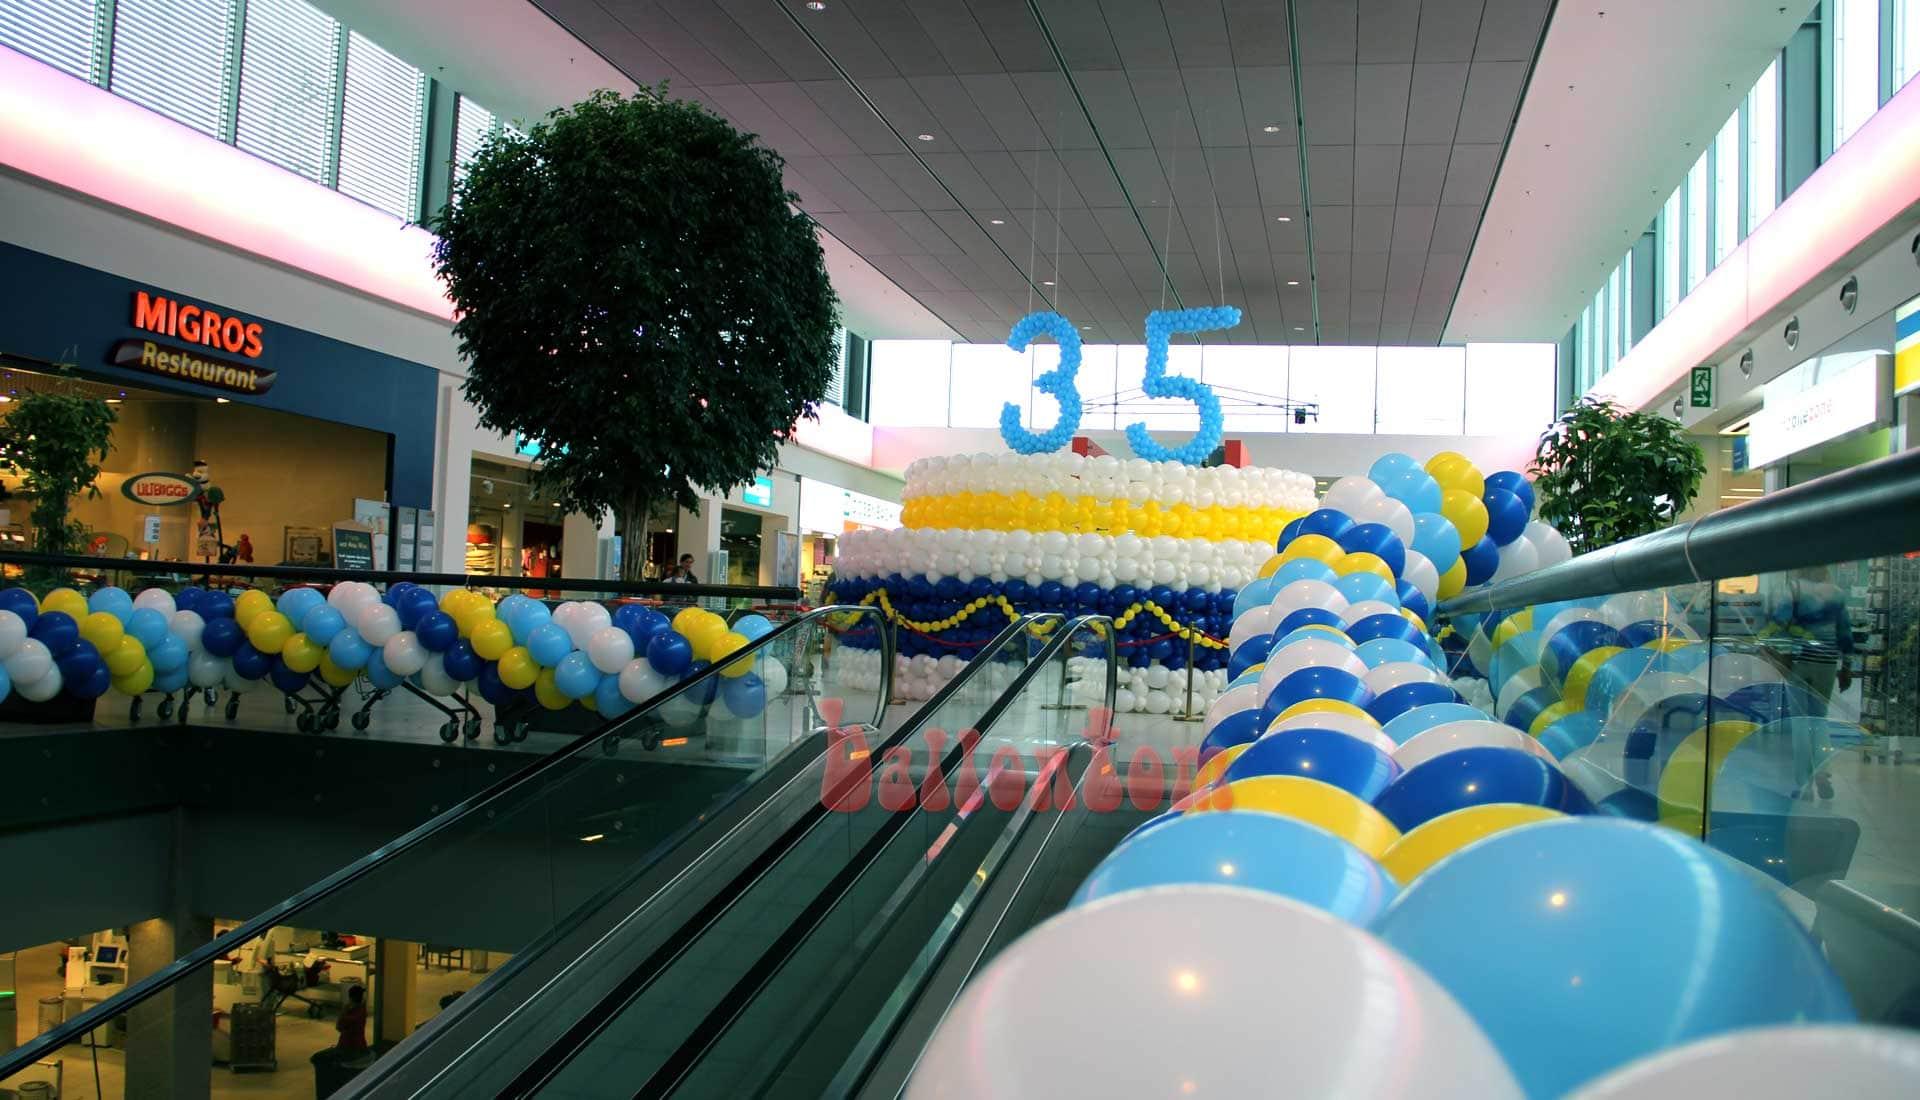 Jubiläum Zuger Land - Projekt: Ballonbox - Foto: Walter Businger - Unterstützung durch ballontom